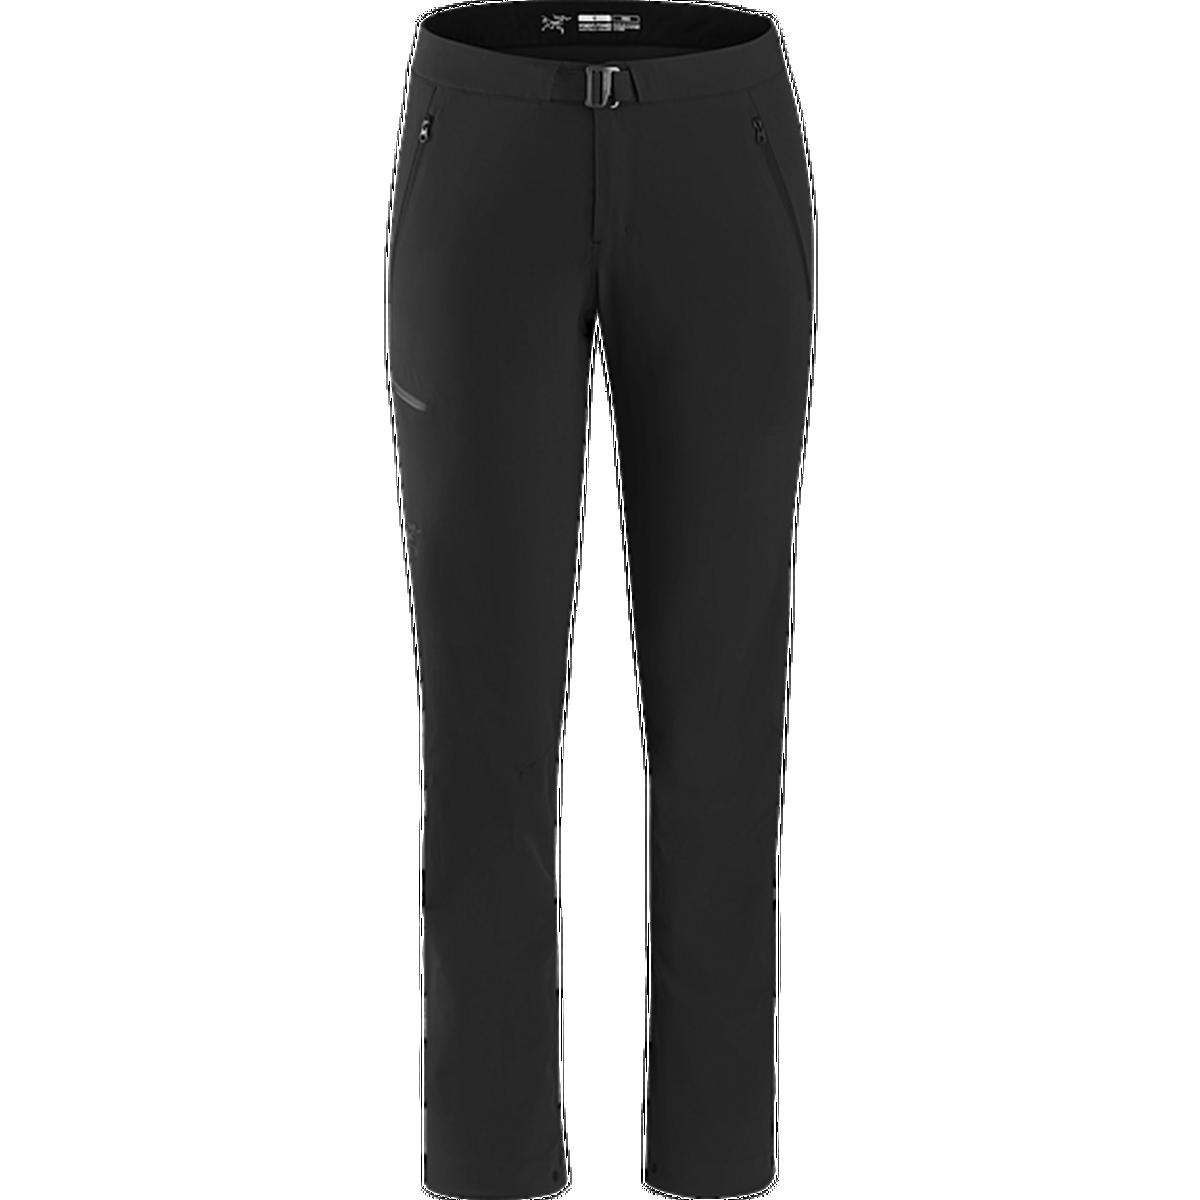 Arcteryx Women's Arc'teryx Gamma Lt Pant Reg - Black